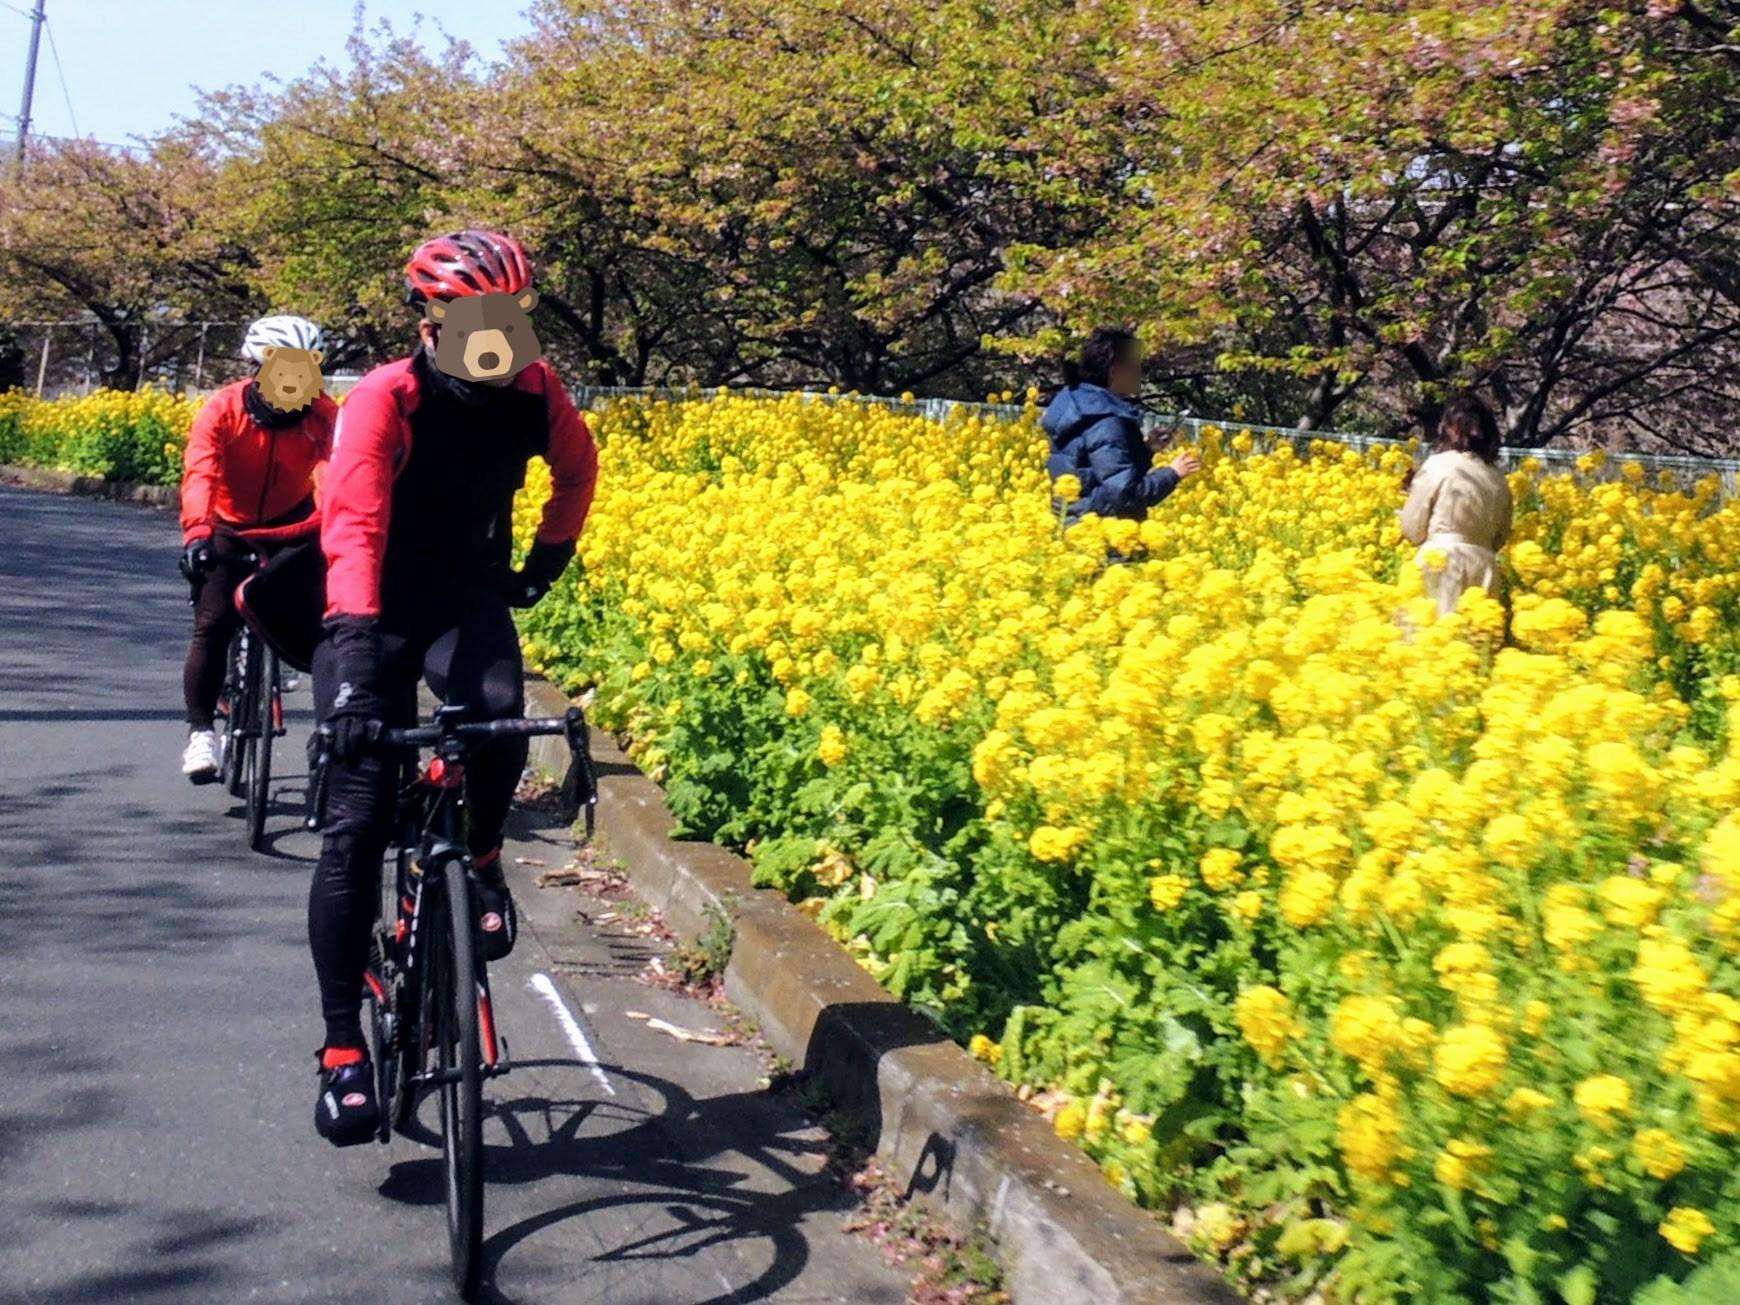 菜の花の黄色、ジャージの赤